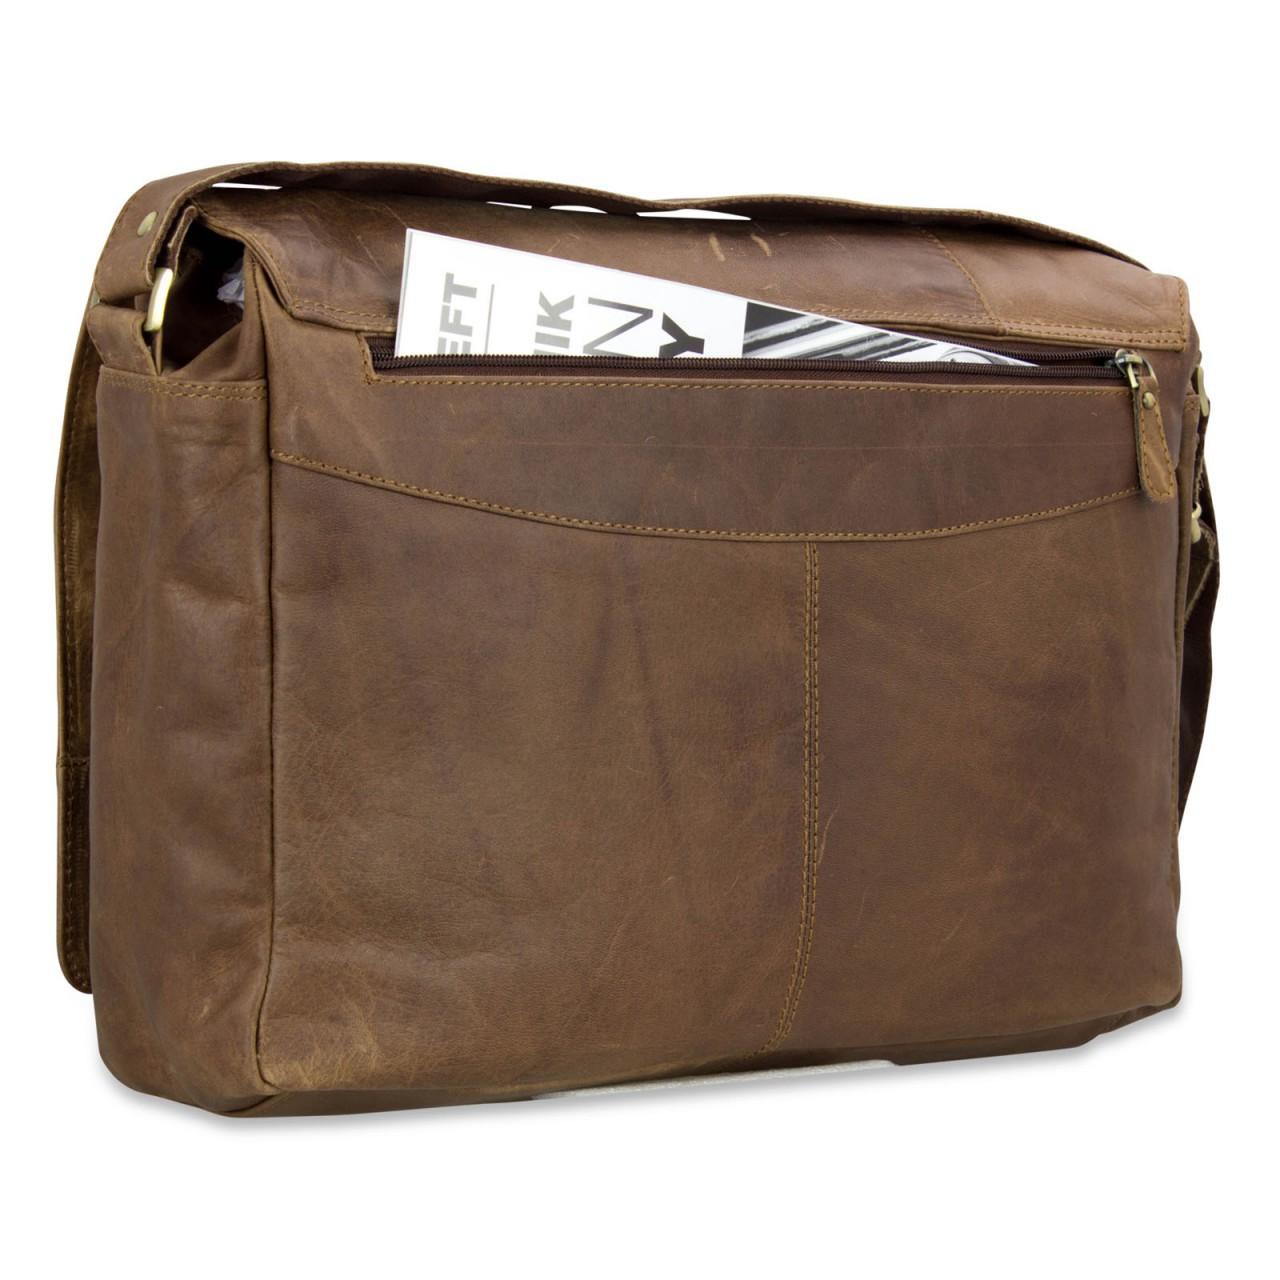 B-WARE STILORD Ledertasche Herren Umhängetasche Unitasche Laptoptasche 15.6 Zoll Aktentasche Bürotasche Büffel Leder braun - Bild 4